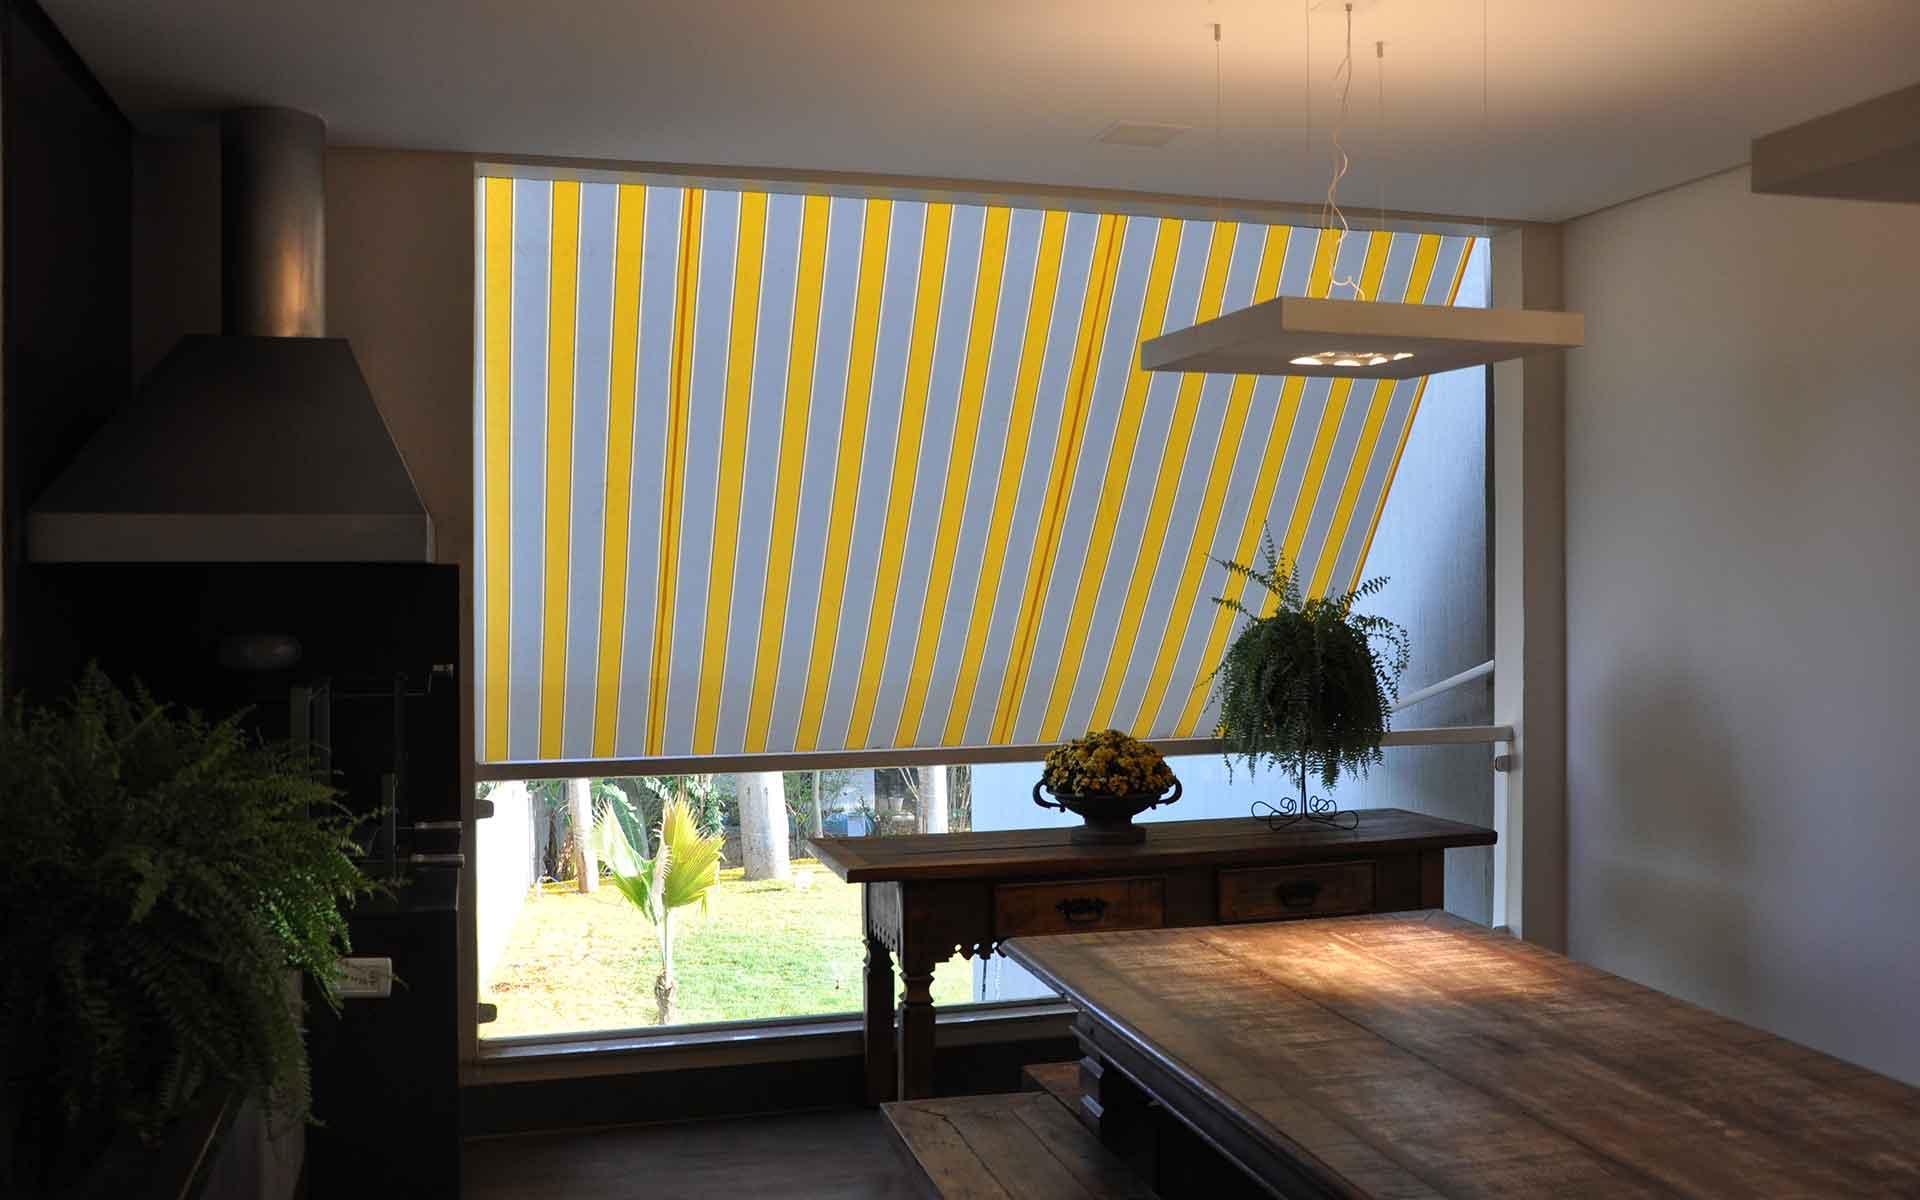 Toldo cortina brao pivotante Sun 1000  BLiNDLUX  Fbrica de persianas cortinas e toldos